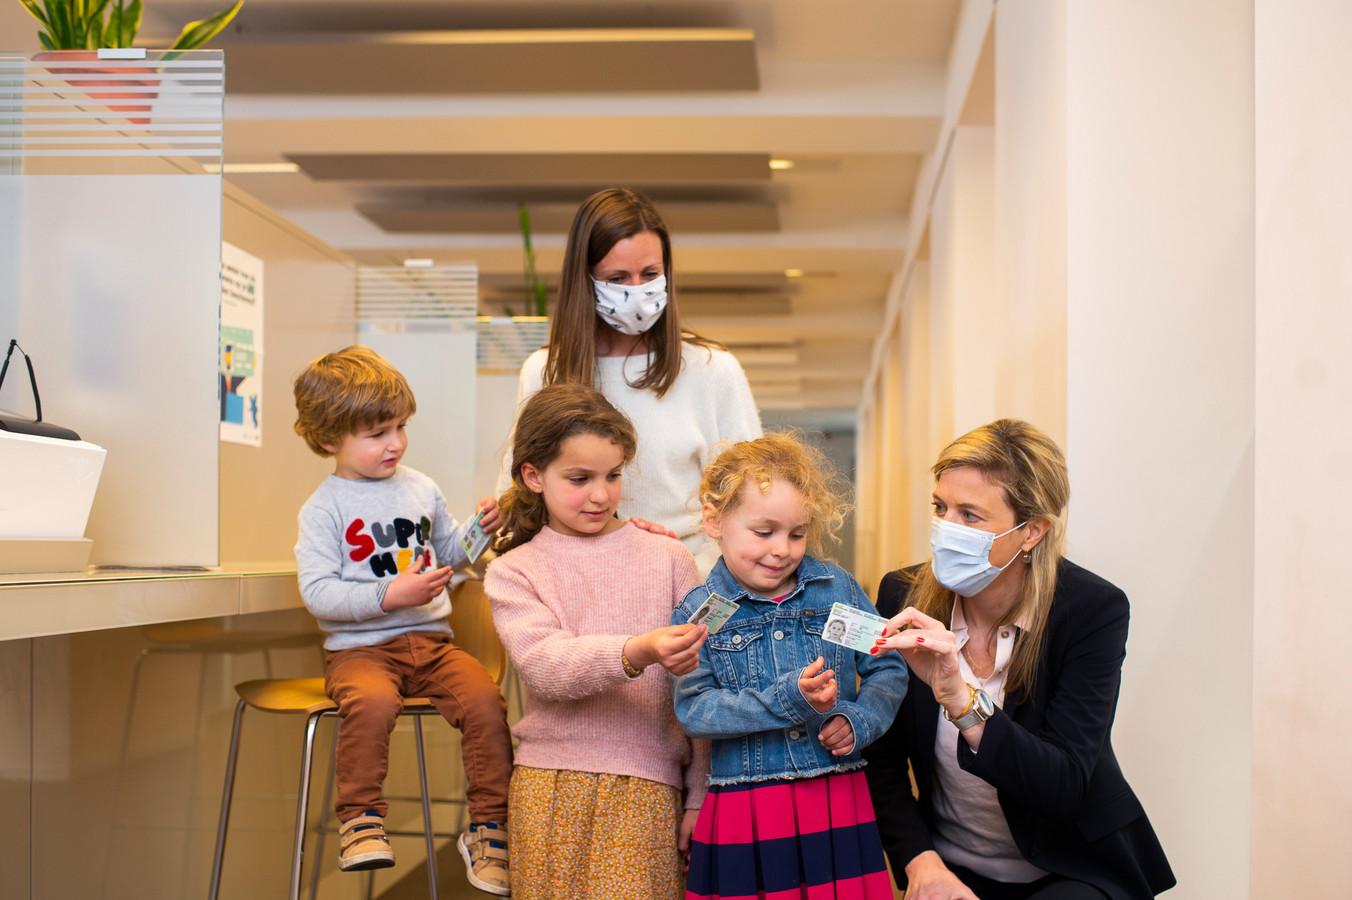 Annelies Verlinden overhandigt de vernieuwde Kids-ID's aan Felix (2), Emilia (8) en Roxanne (6)